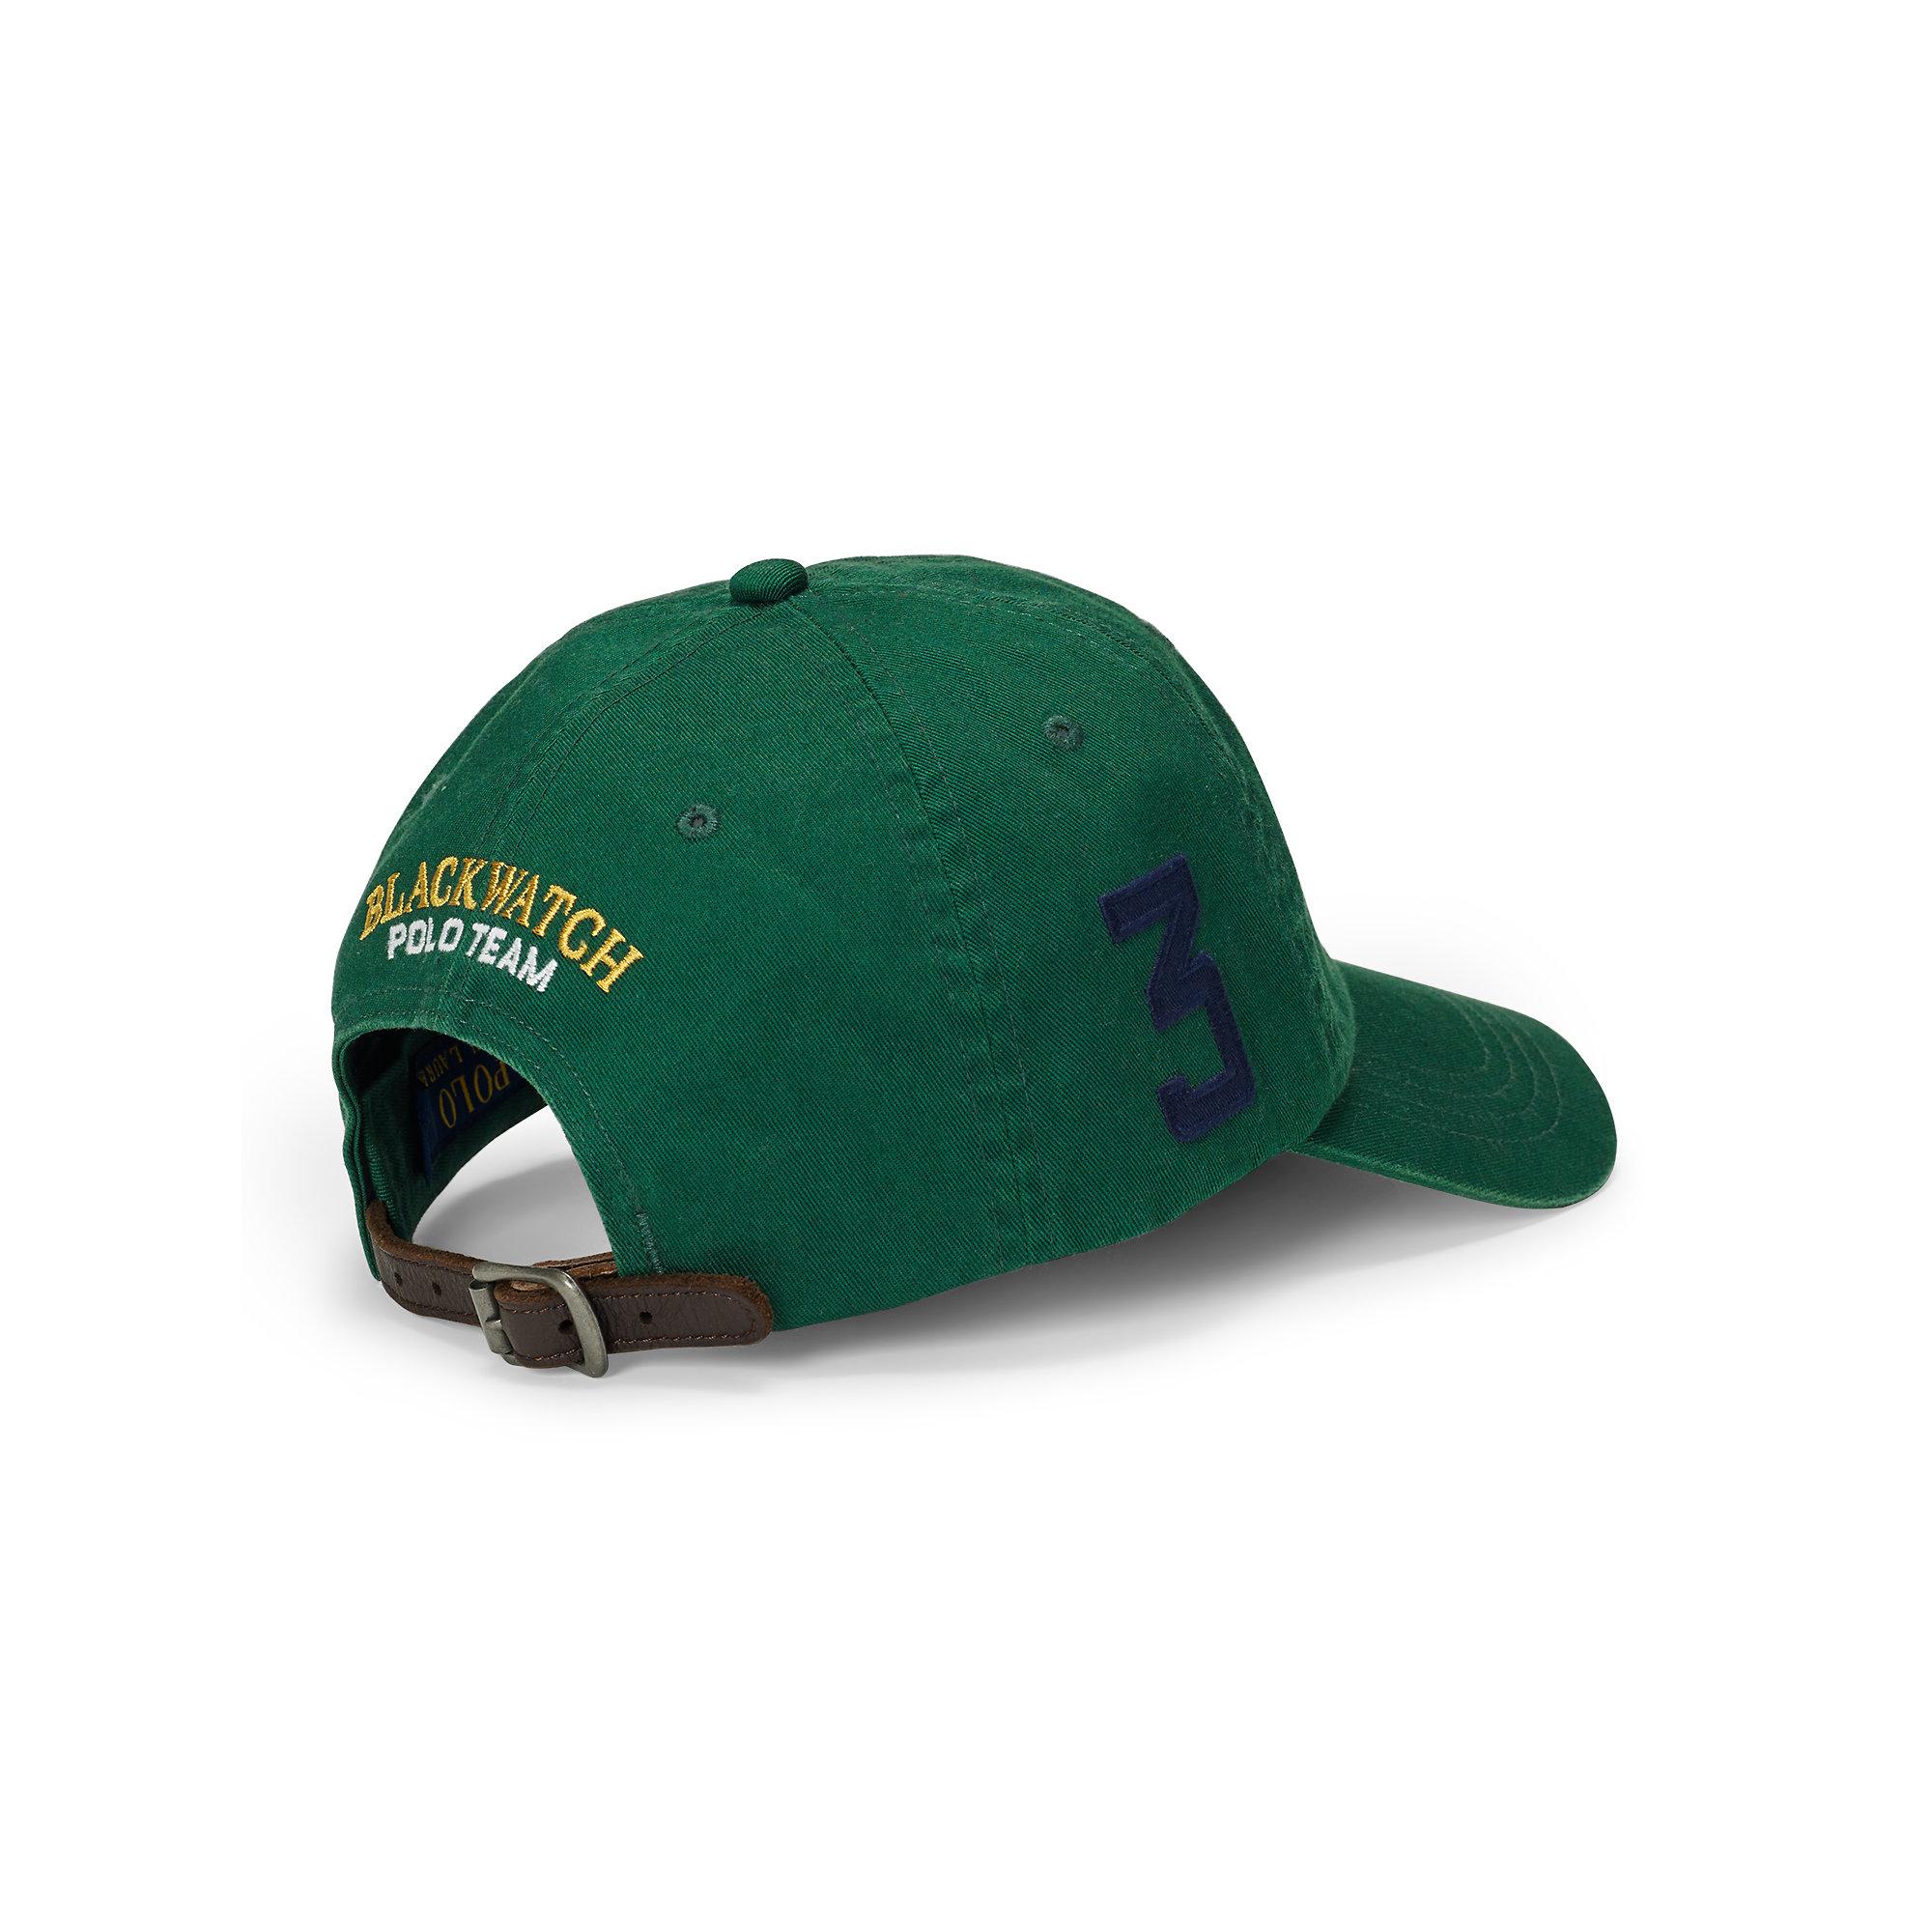 Polo Ralph Lauren Blackwatch Cotton Baseball Cap In Green